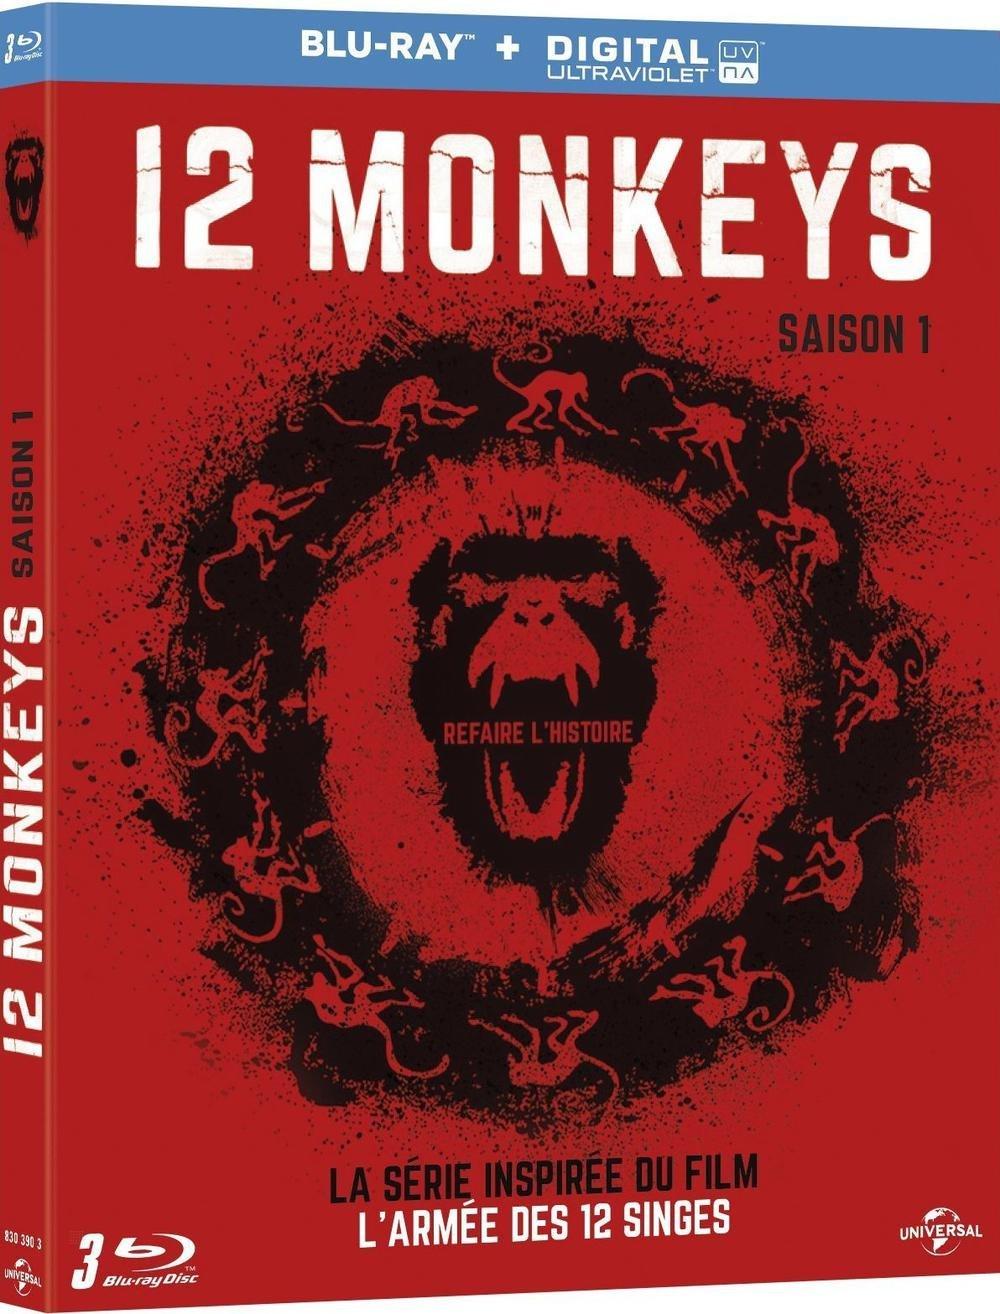 12monkeys-BR-S1